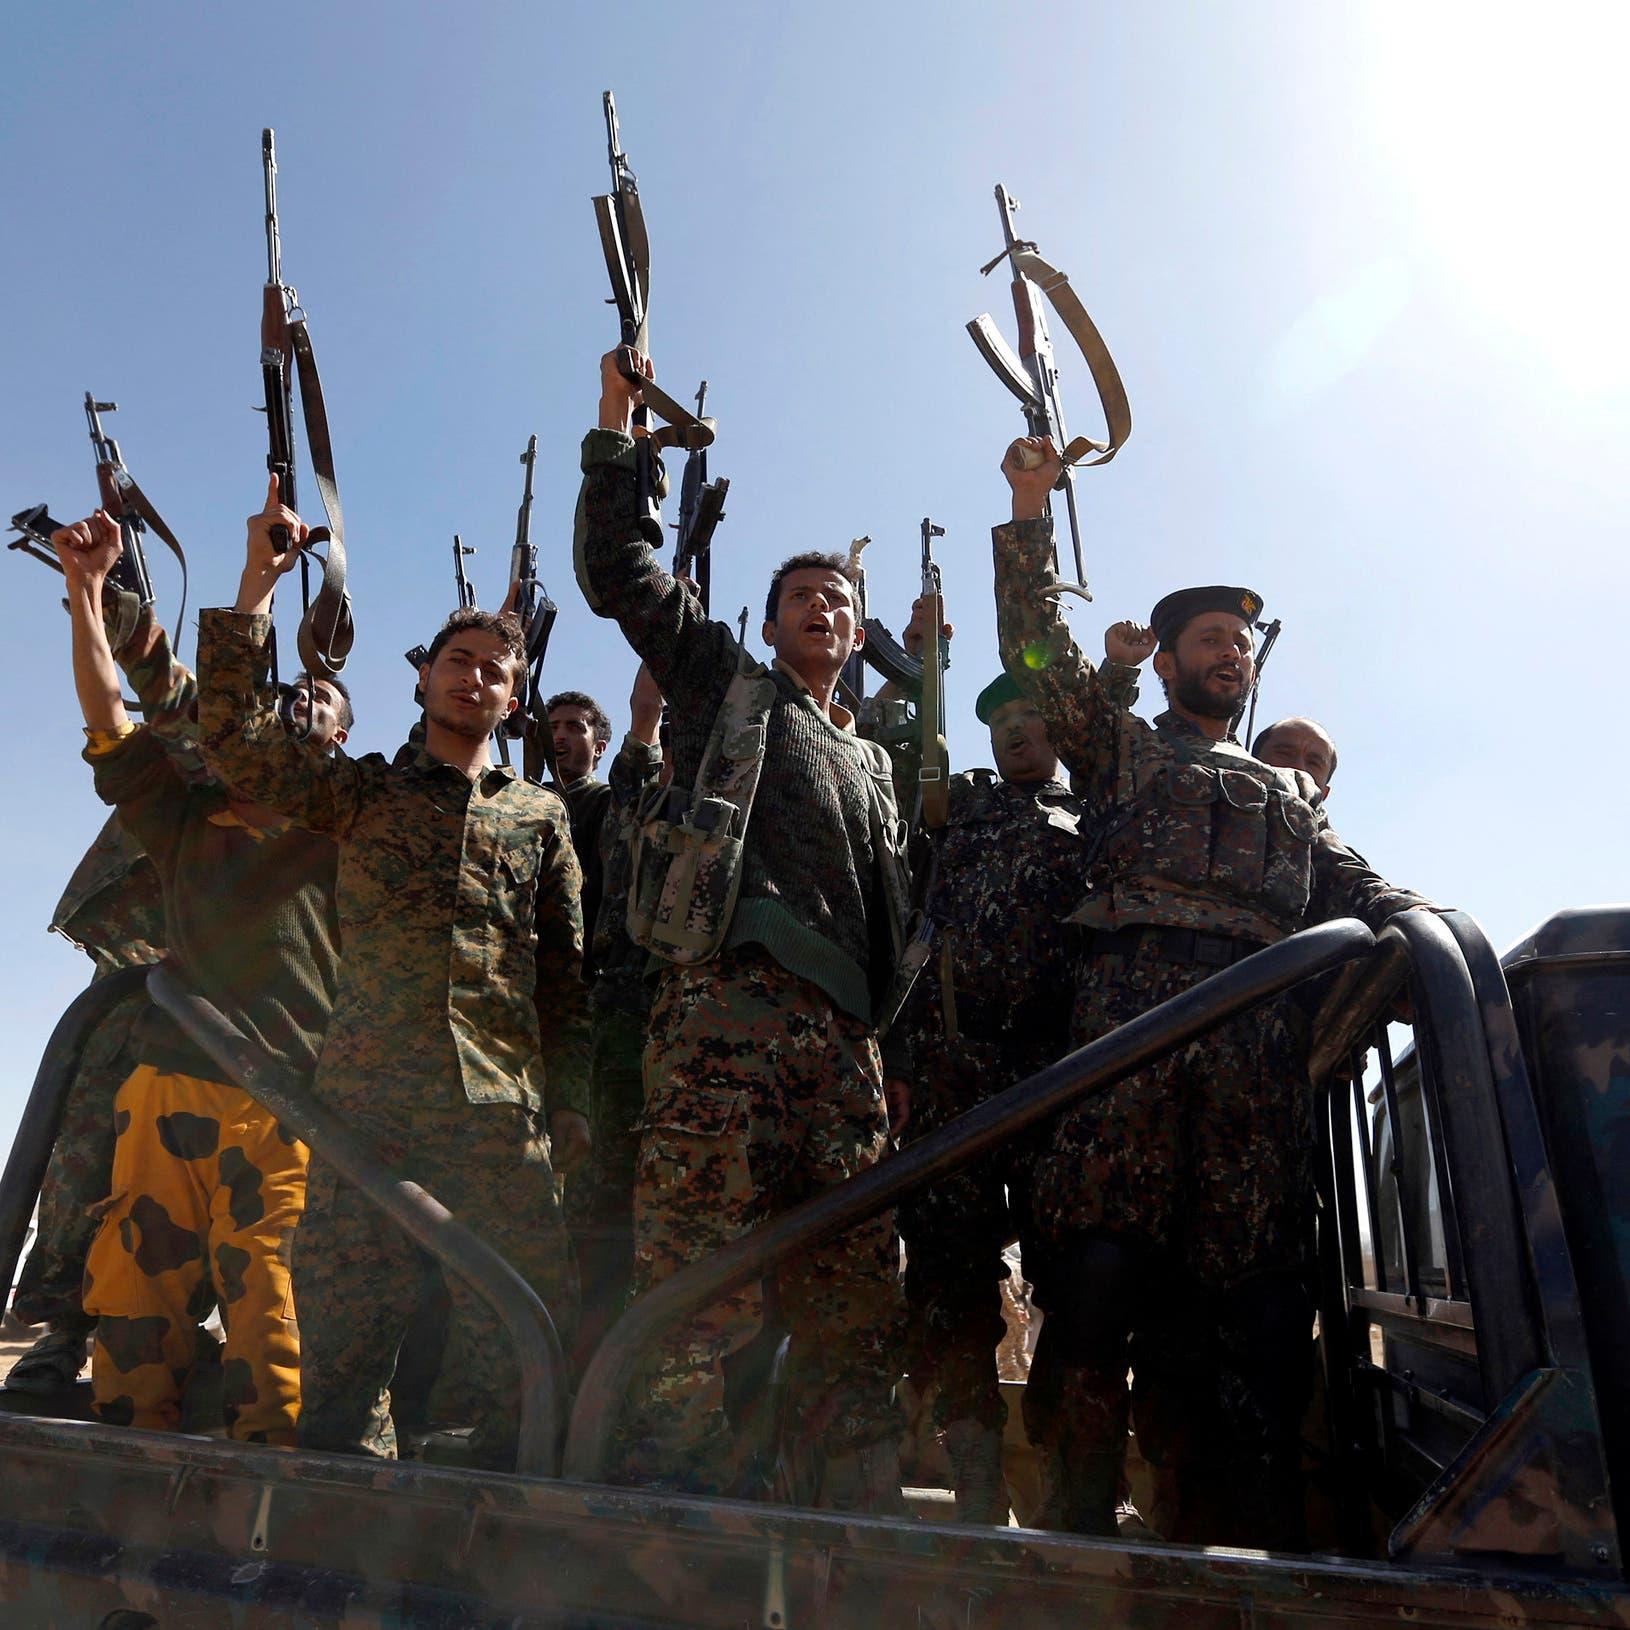 مأرب.. مقتل 15 من ميليشيات الحوثي في مواجهات مع الجيش اليمني